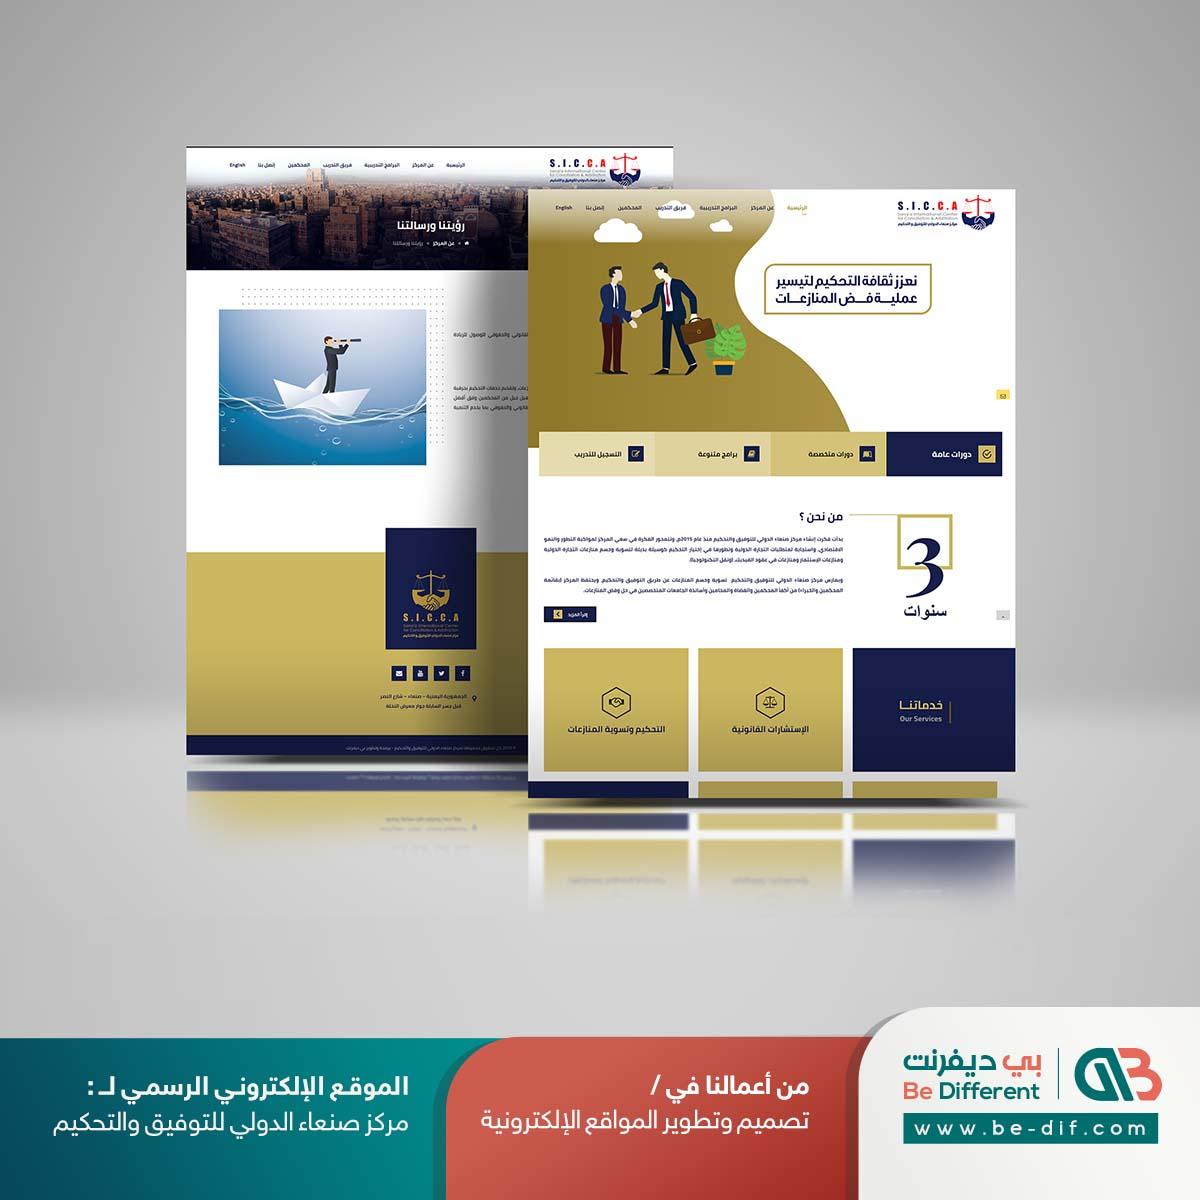 صميم موقع الكتروني مركز صنعاء الدولي - شركة بي ديفرنت تصميم مواقع انترنت مركز تحكيم دولي الرياض ابوظبي